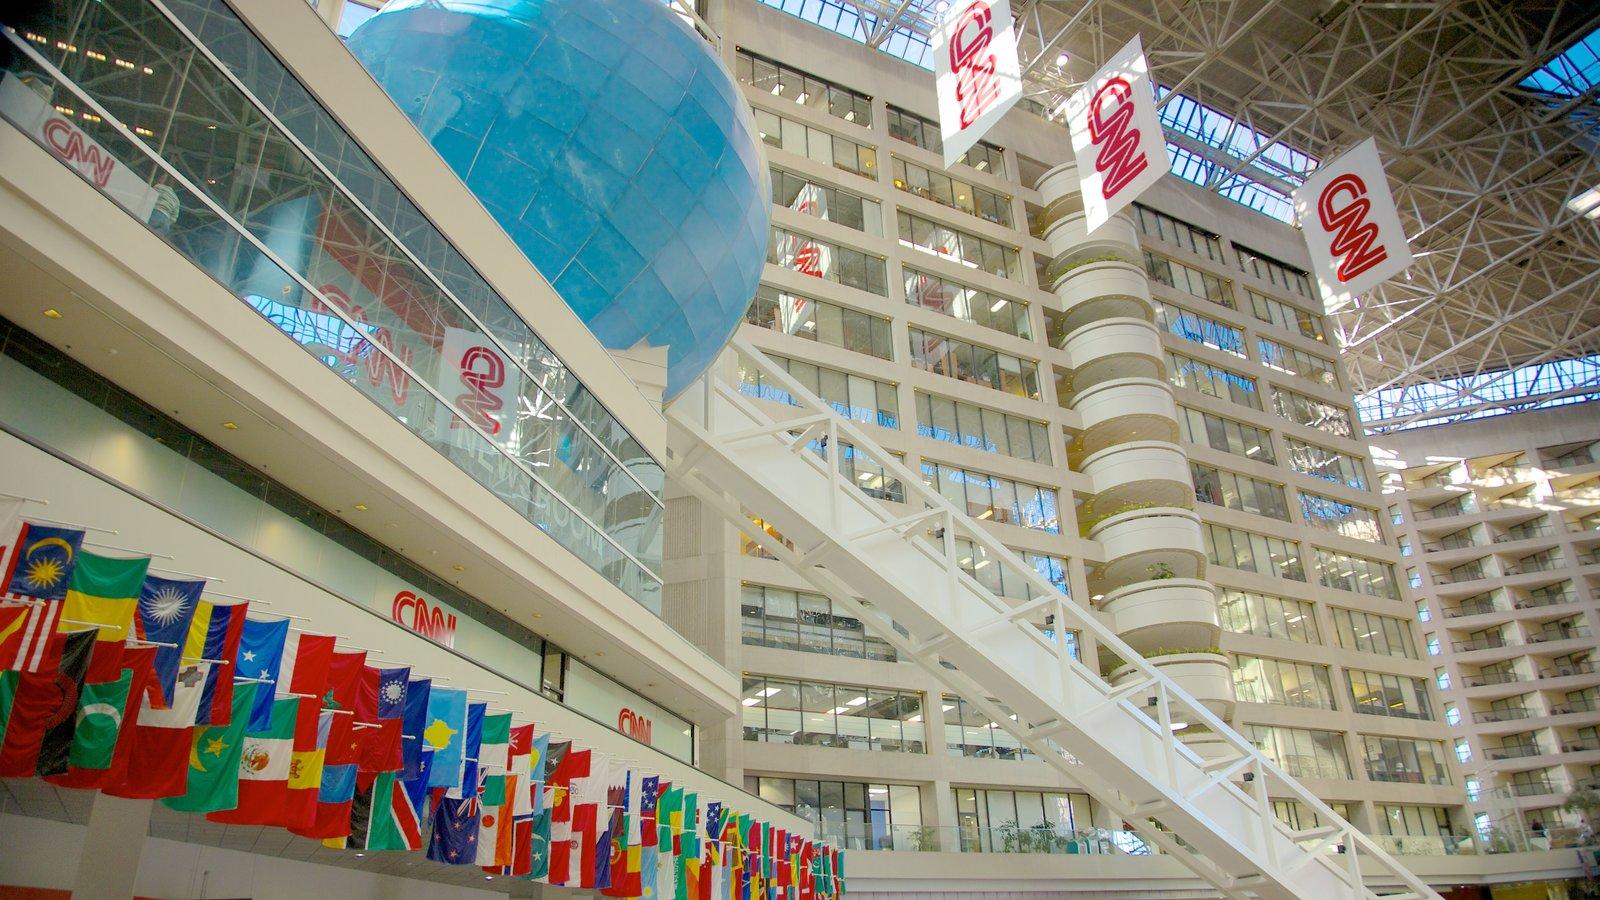 CNN Center mostrando vistas internas, uma cidade e arquitetura moderna